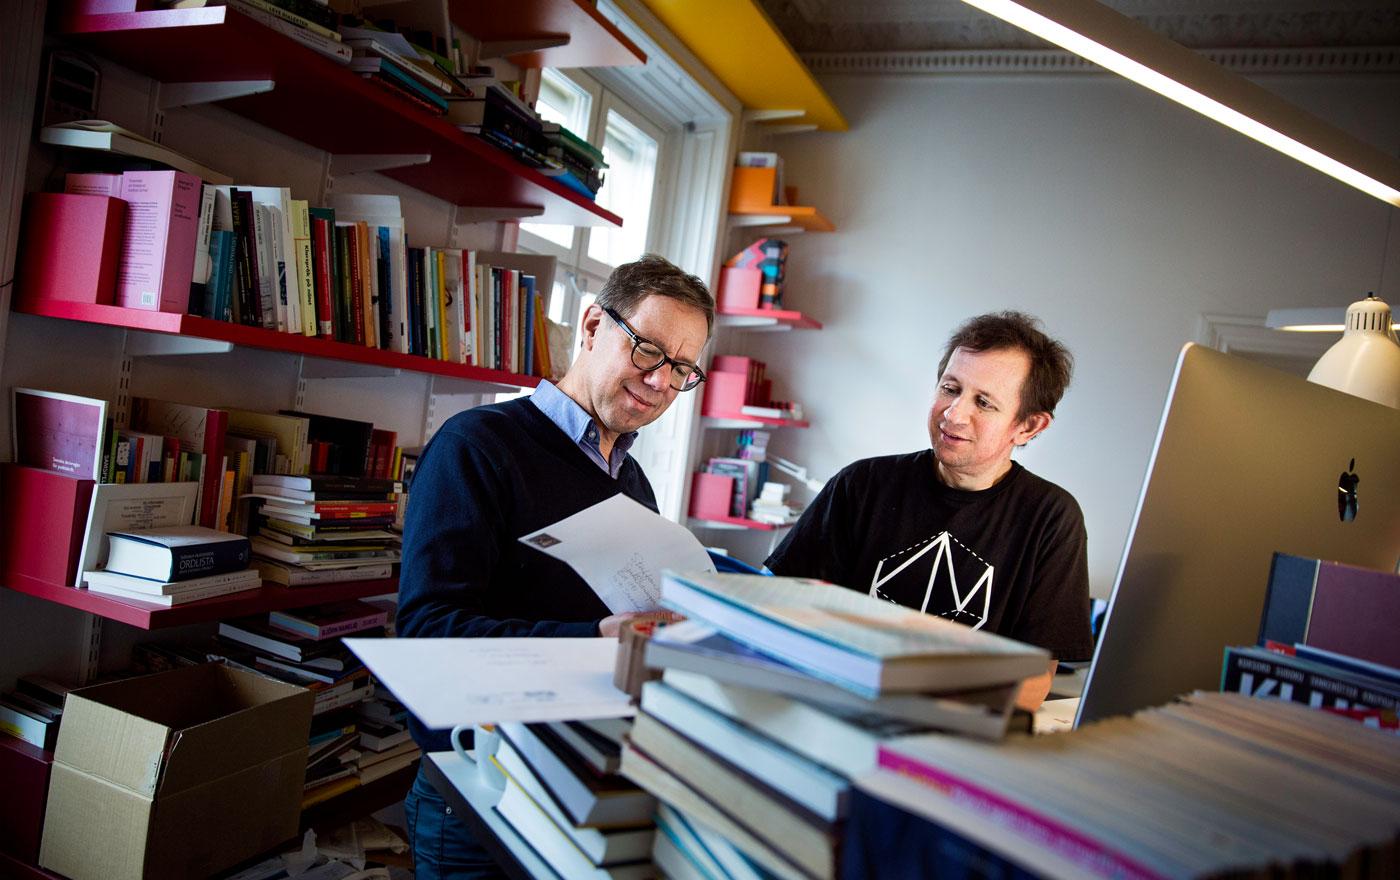 Patrik Hadenius på Vetenskapsmedias kontor. Foto: Jessica Segerberg / Allt om Tidskrifter